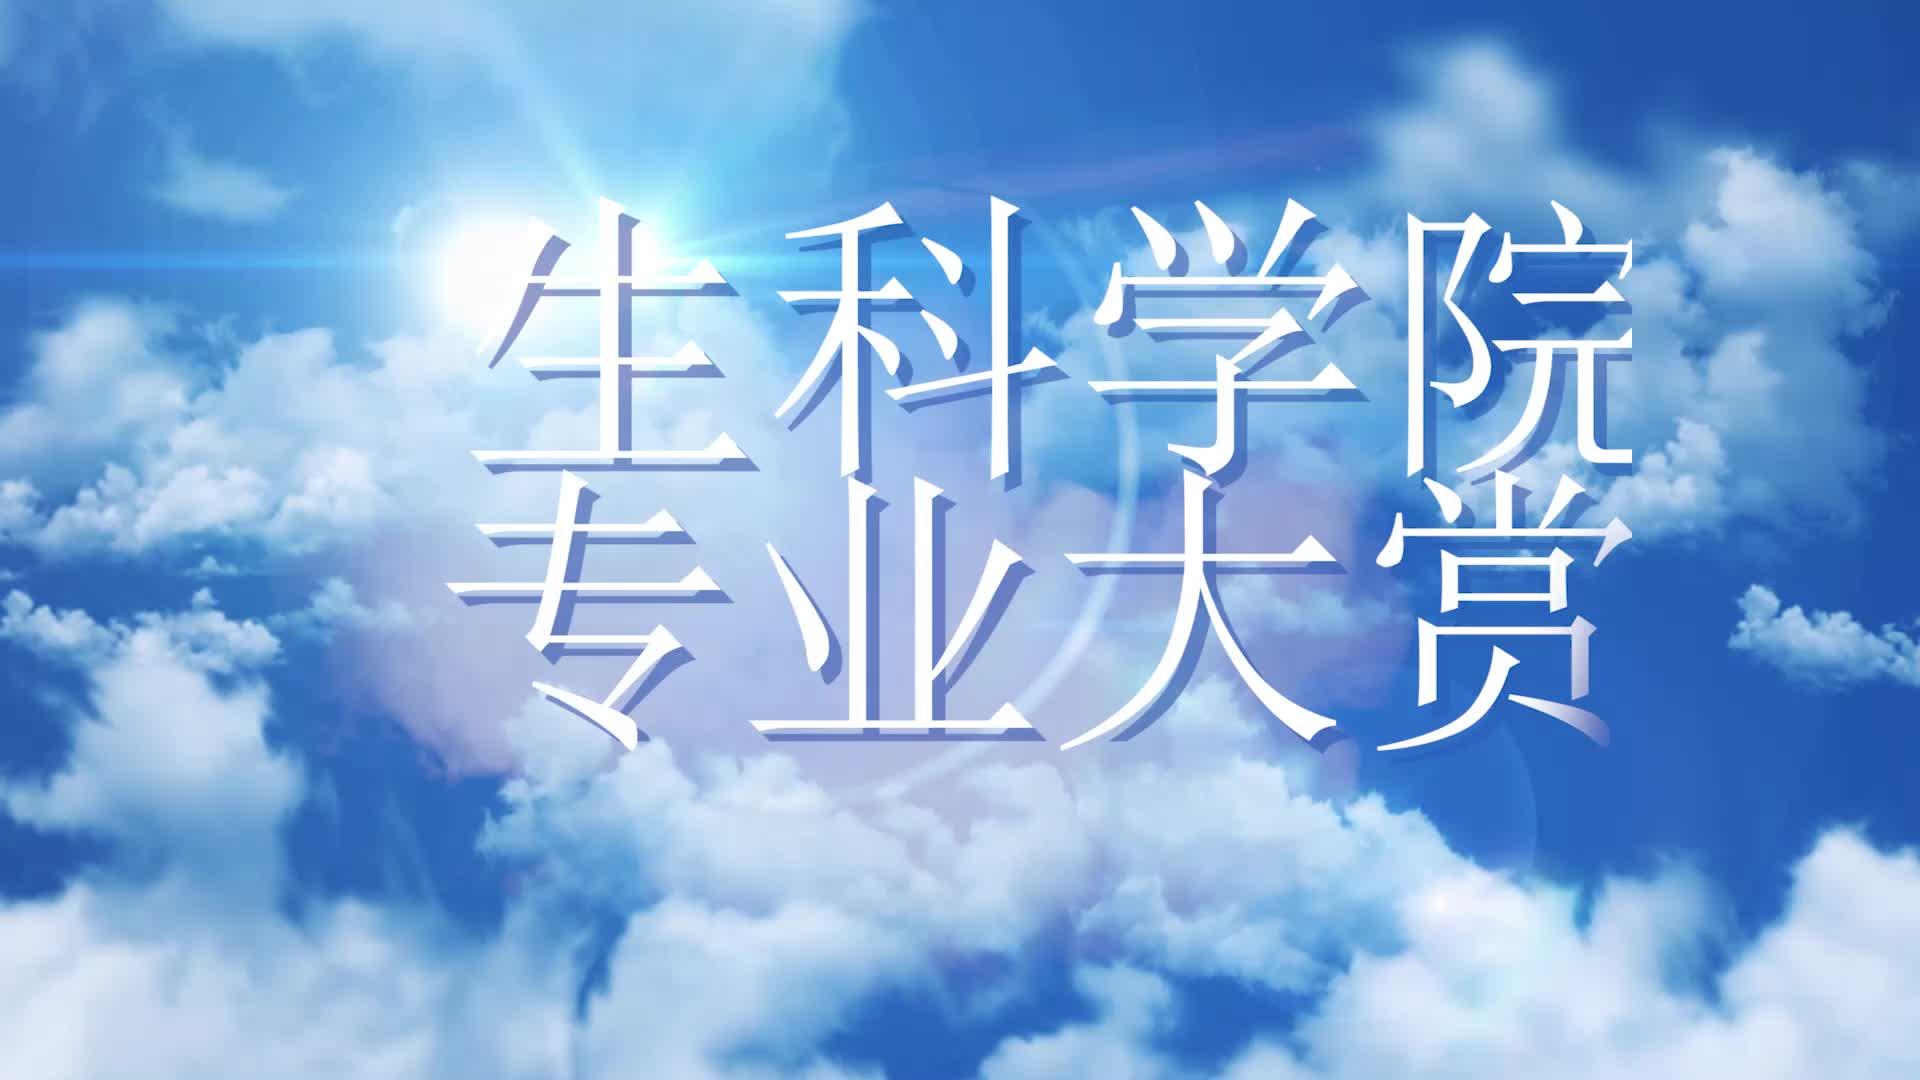 72 淮阴工学院 新能源科学与工程 康欣煜